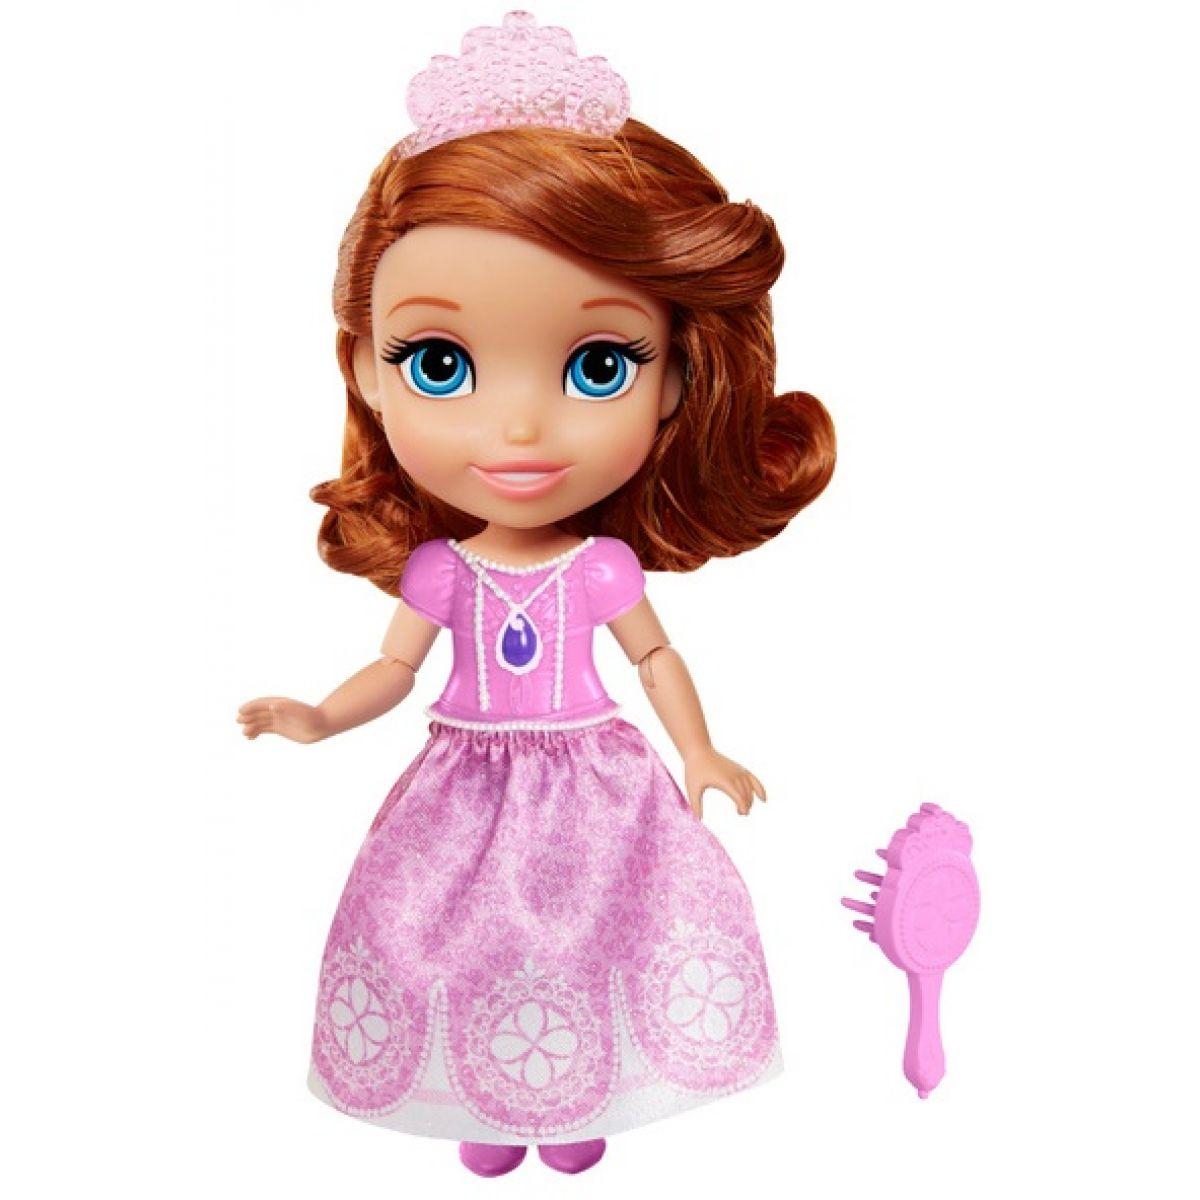 Jakks Pacific Disney Princezna 15 cm - Princezna Sofie v růžovém